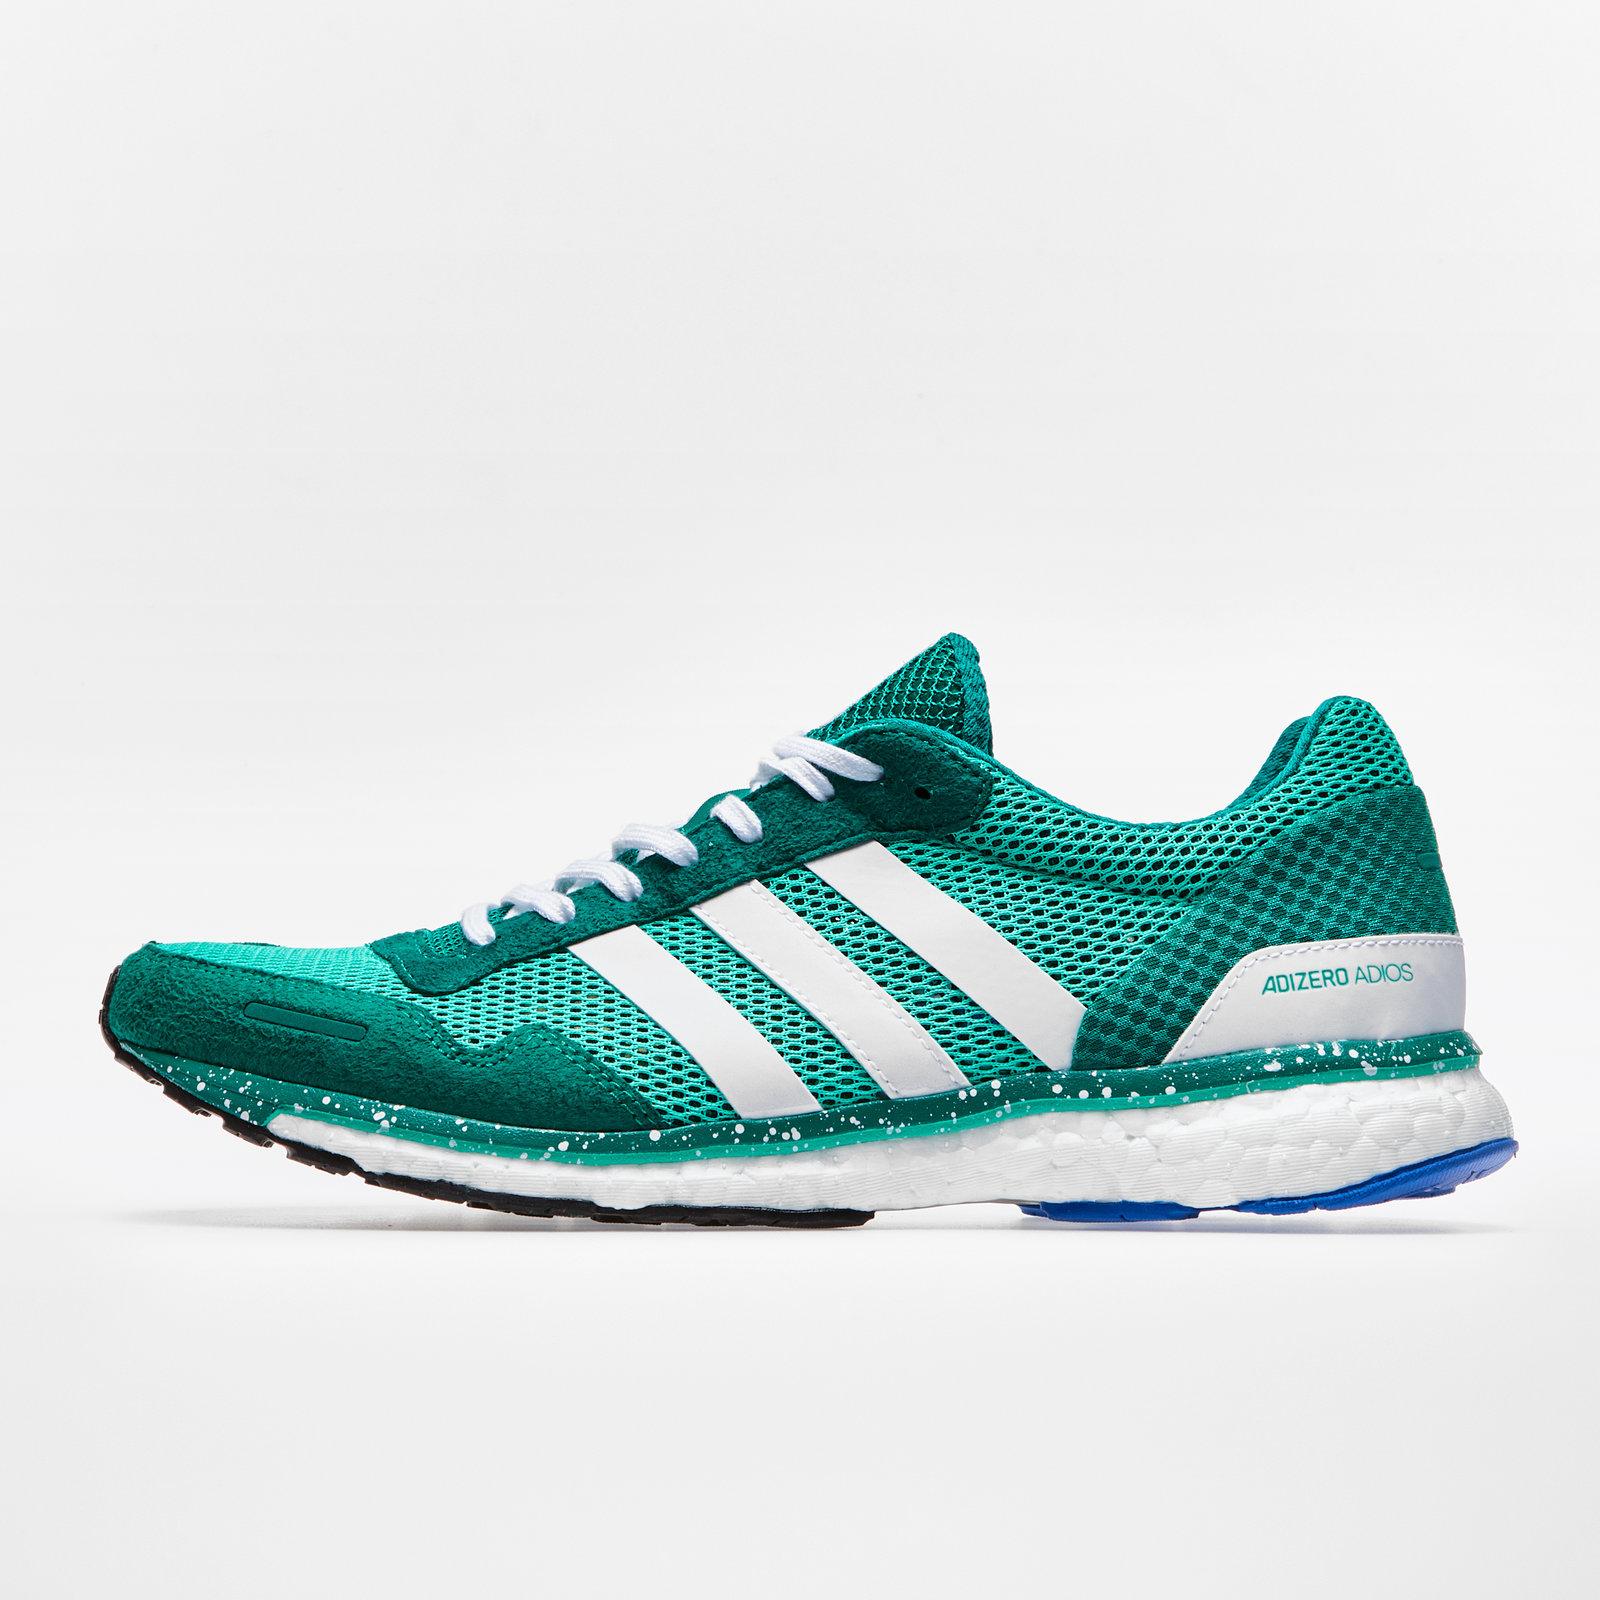 Image of adizero Adios Mens Running Shoes